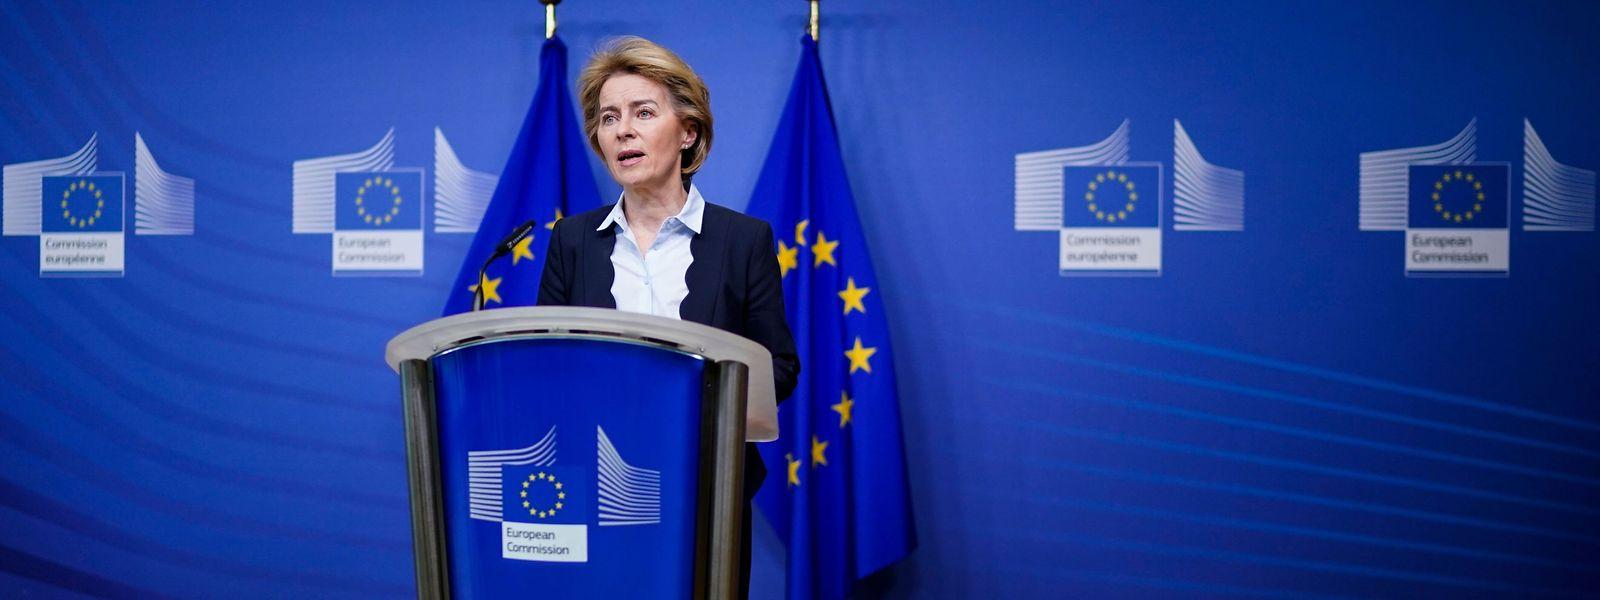 Die EU-Kommissionspräsidentin Ursula von der Leyen bei einer Pressekonferenz in Brüssel.